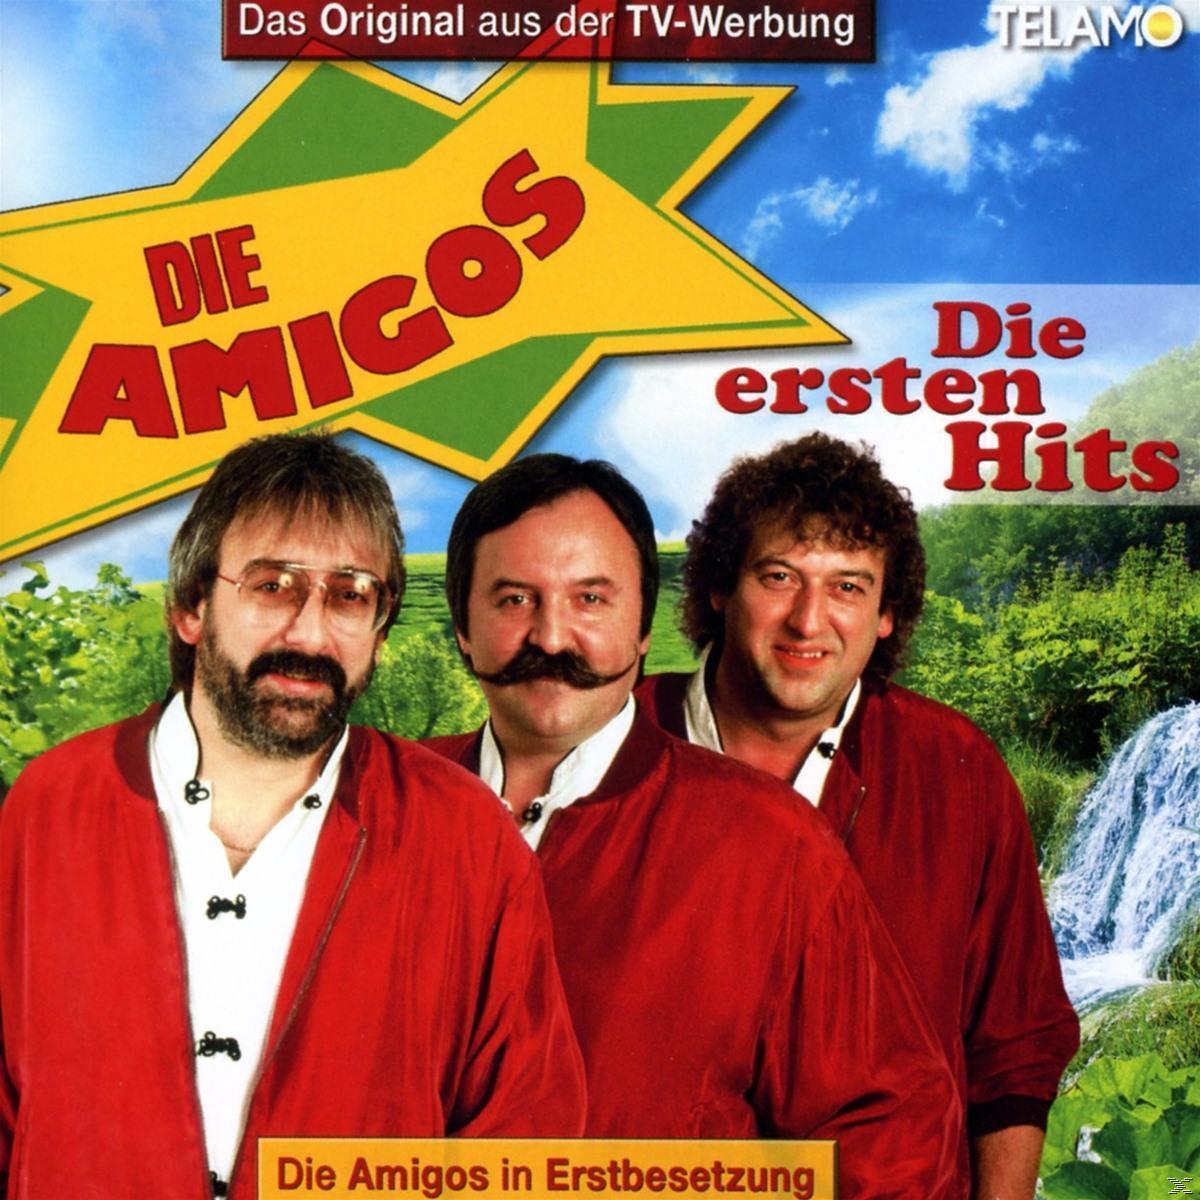 Die Ersten Hits (Die Amigos) für 17,99 Euro